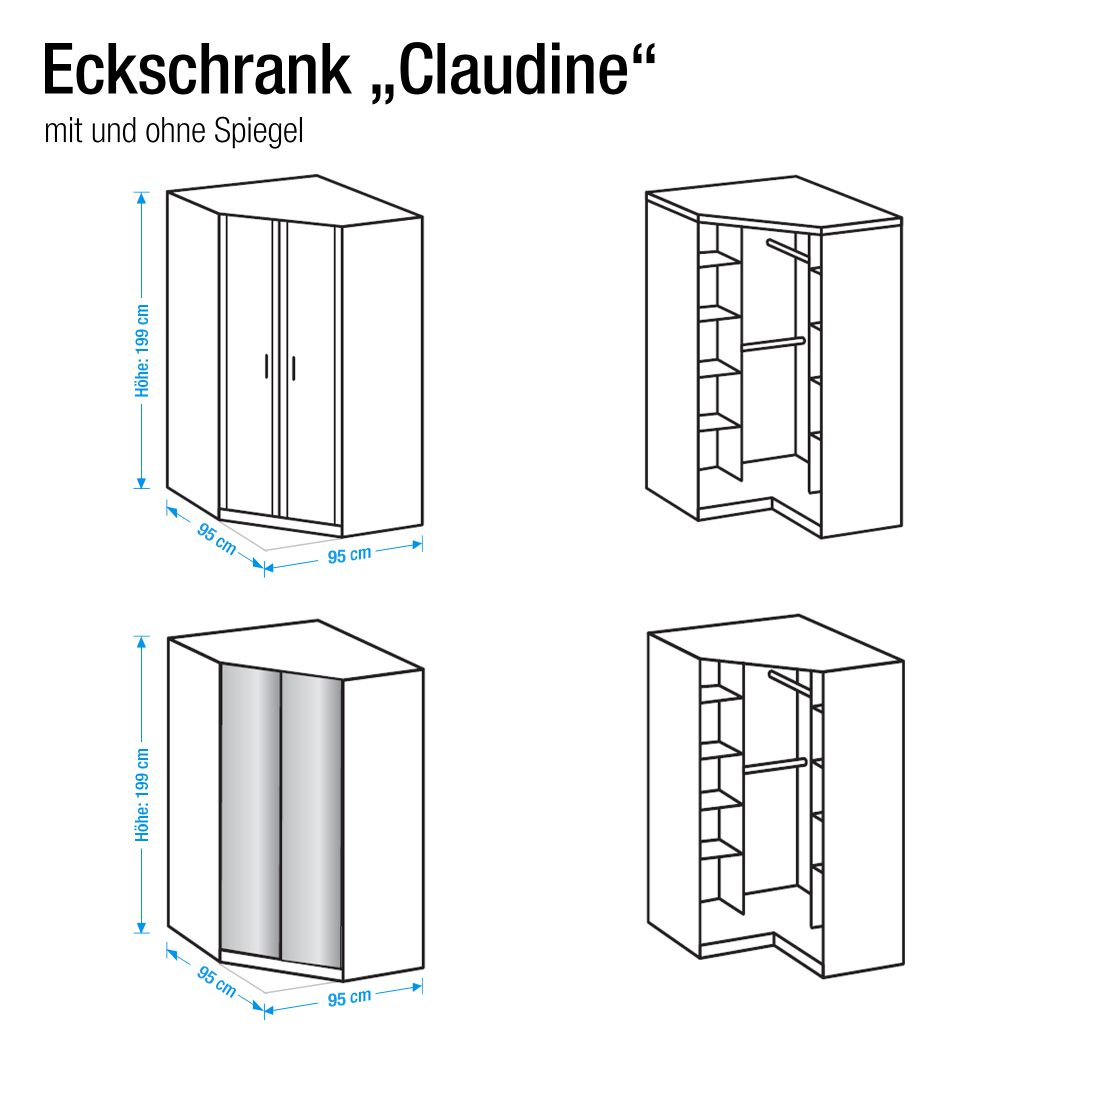 faktum eckschrank ikea schrank rakke ikea regal schrank. Black Bedroom Furniture Sets. Home Design Ideas